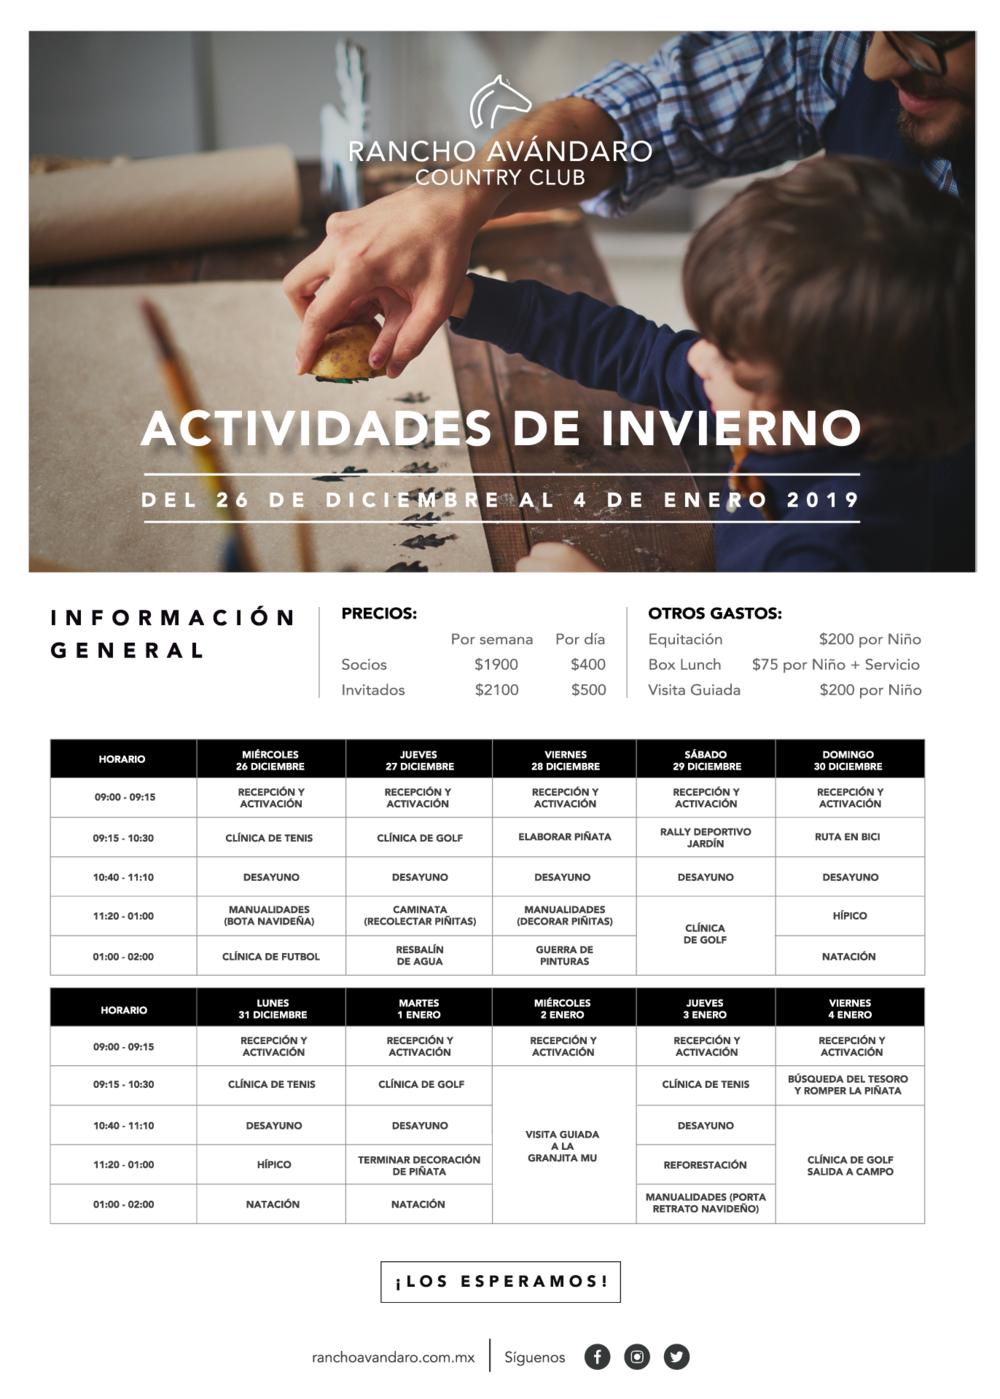 Actividades-Invierno-(Digital).png